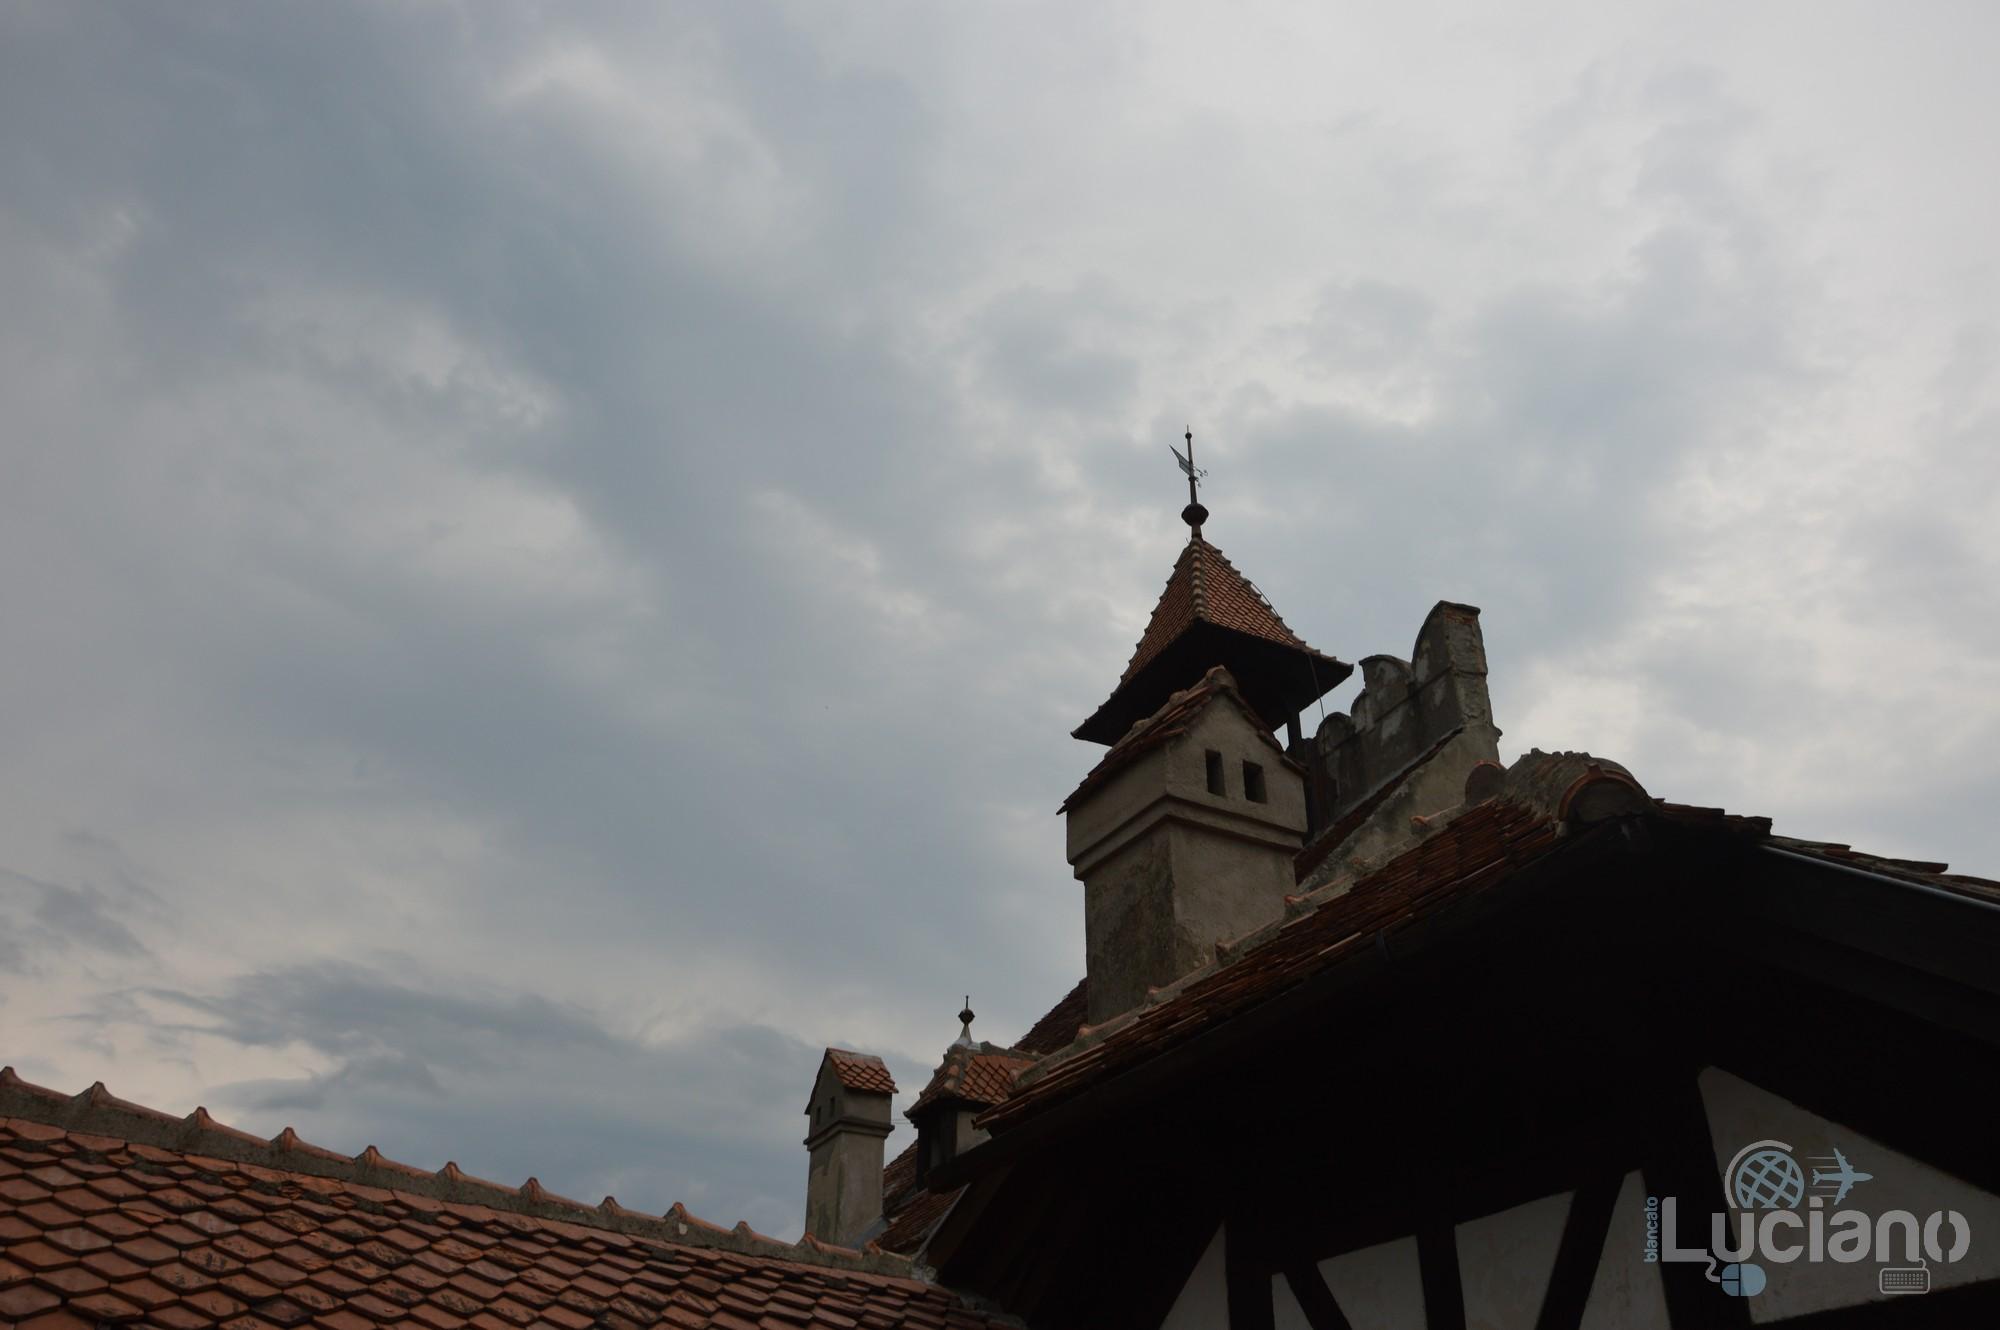 castello-di-dracula-castello-di-bran-luciano-blancato (72)